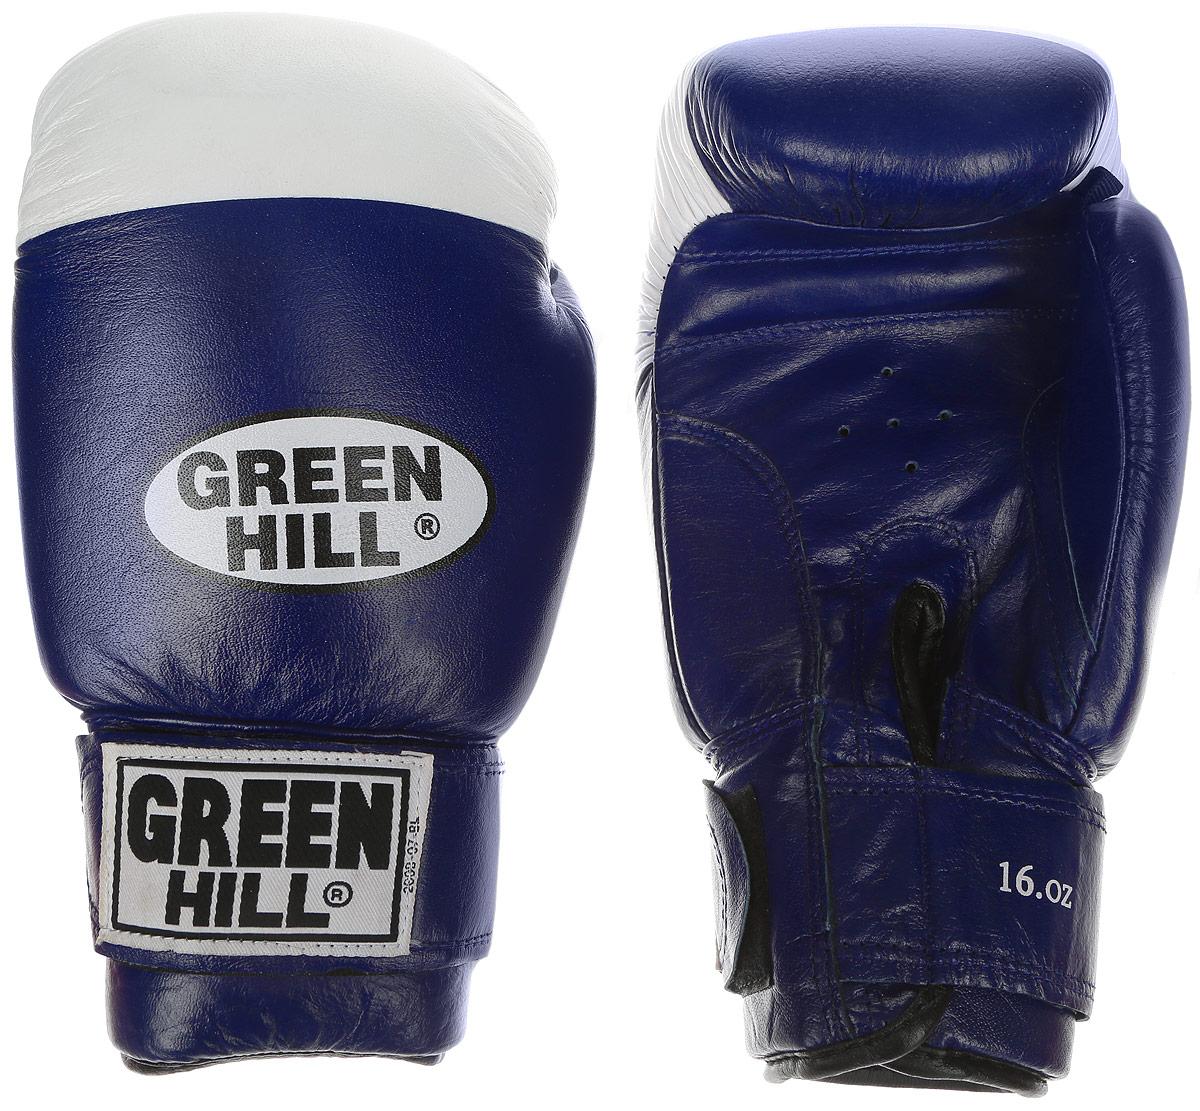 Перчатки боксерские Green Hill Super Star, цвет: синий, белый. Вес 16 унций. BGS-1213bBGS-1213bБоксерские перчатки Green Hill Super Star предназначены для использования профессионалами. Подойдут для спаррингов и соревнований. Верх выполнен из натуральной кожи, наполнитель - из вспененного полимера. Отверстие в области ладони позволяет создать максимально комфортный терморежим во время занятий. Манжет на липучке способствует быстрому и удобному надеванию перчаток, плотно фиксирует перчатки на руке.